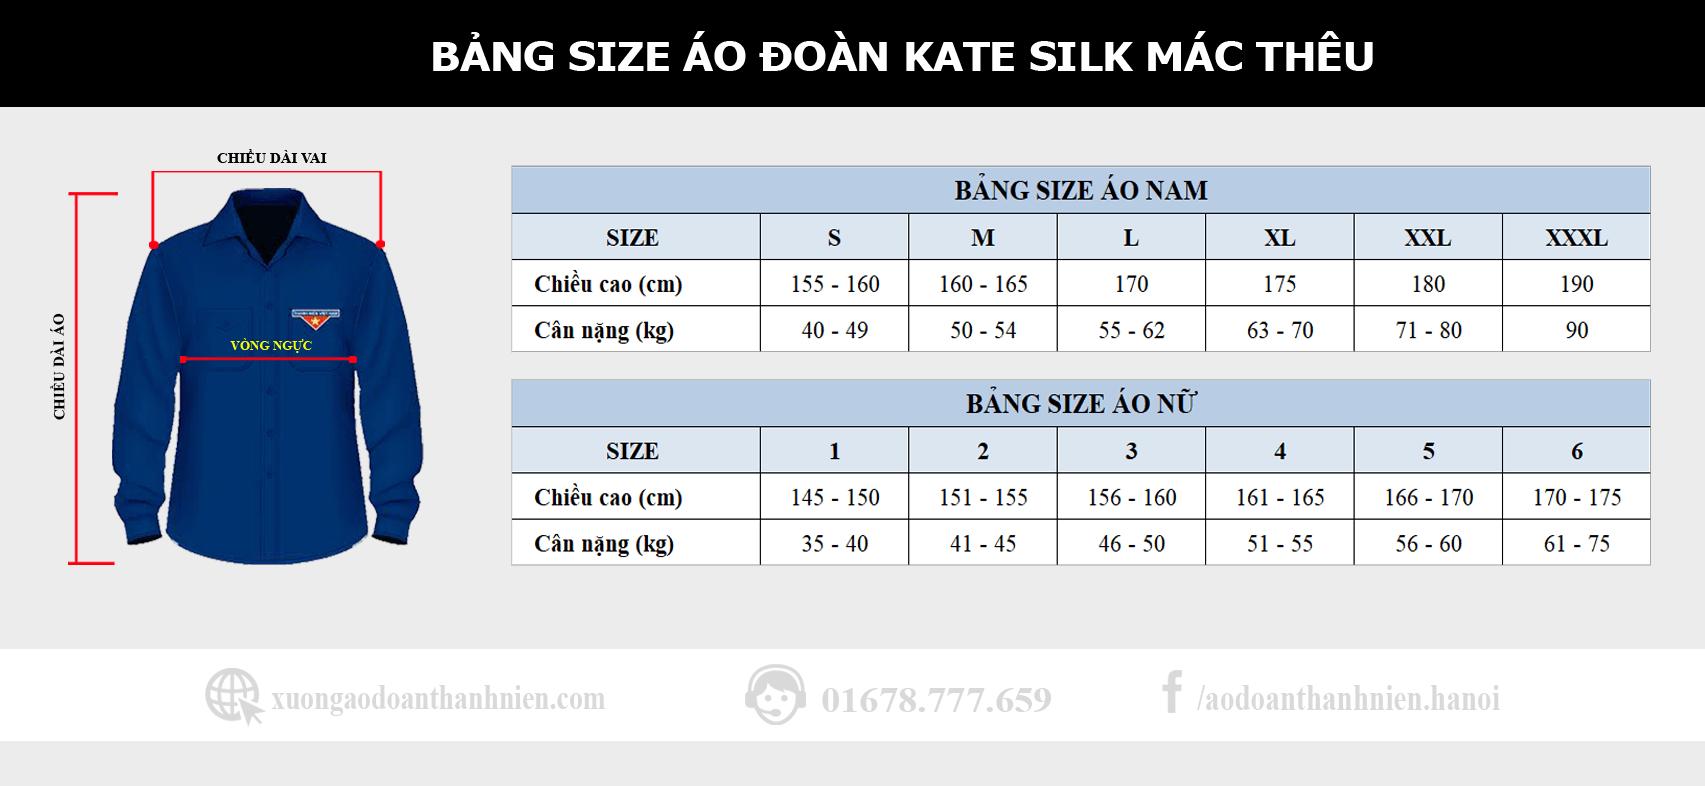 bang size ao doan kate silk